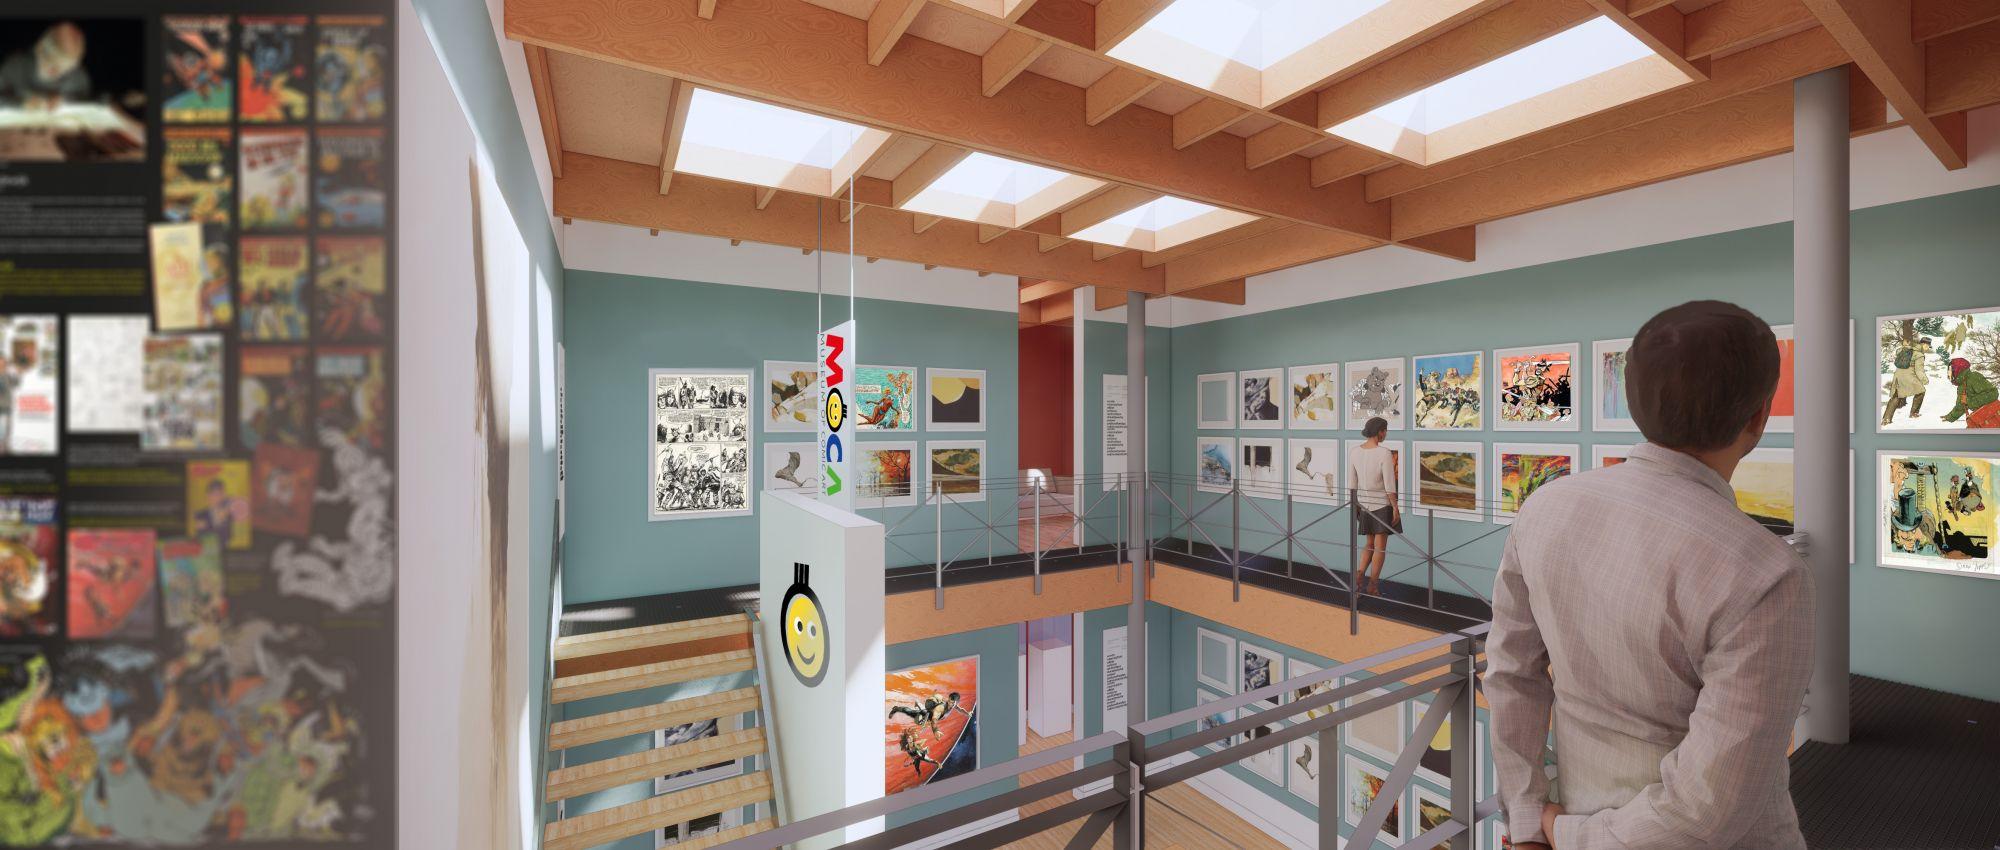 Binnenzicht museum (c) Moca